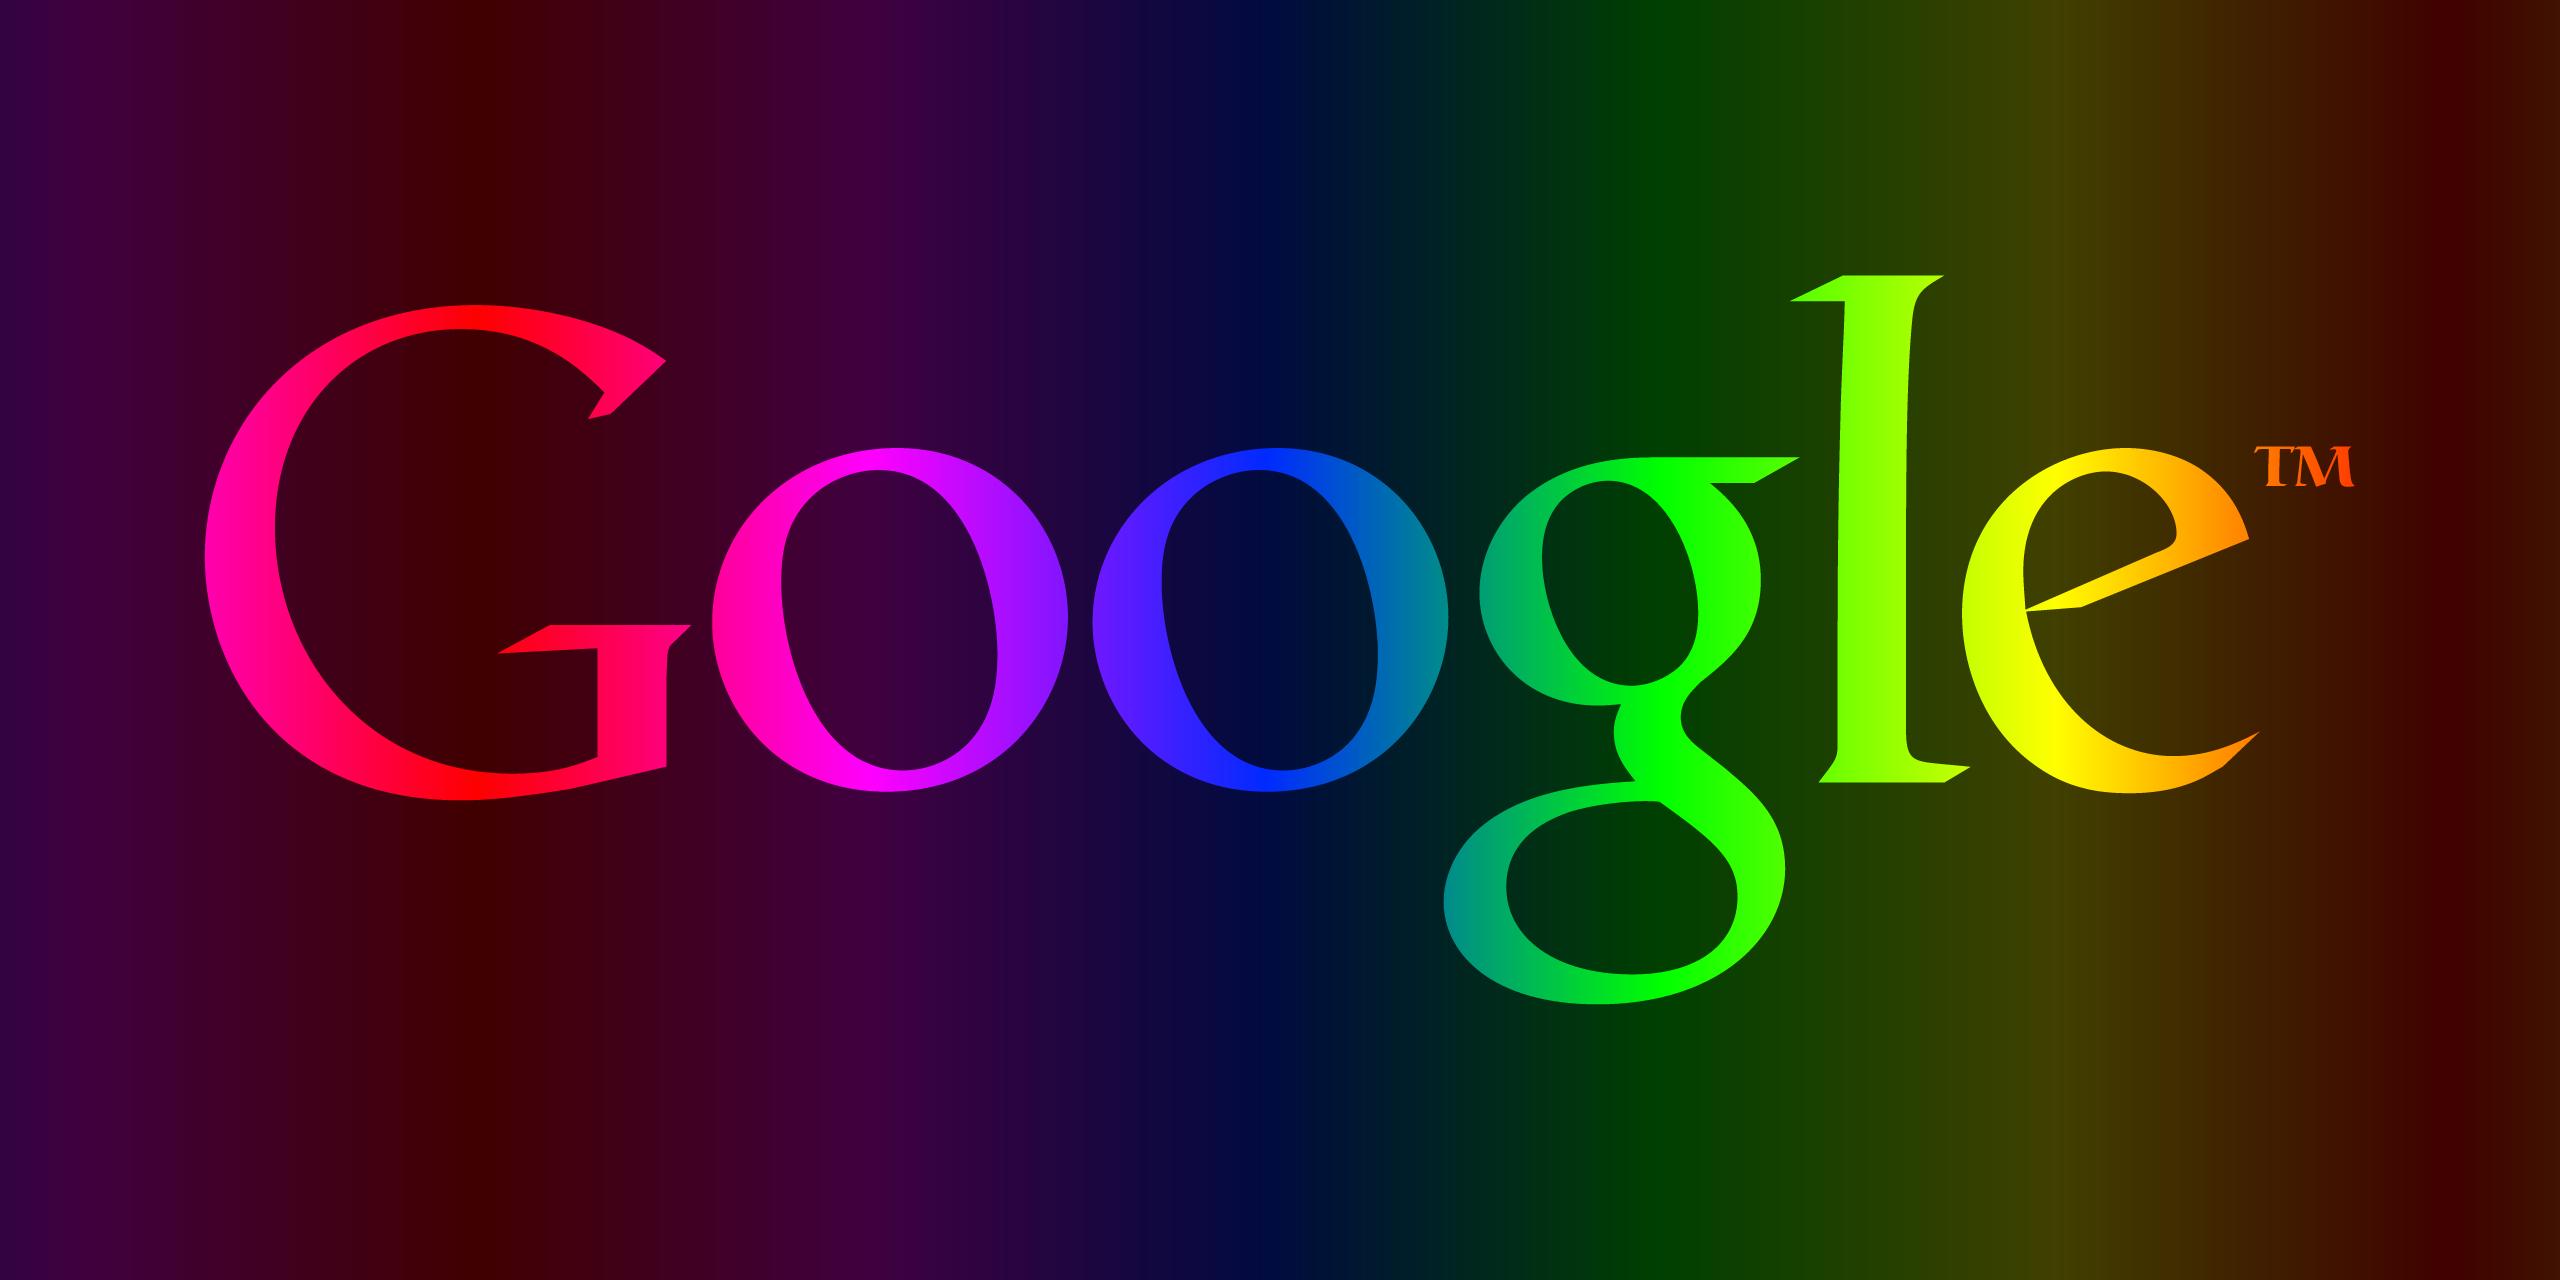 گوگل برای رونق کسب و کار کلود کابلهای زیردریایی نصب میکند